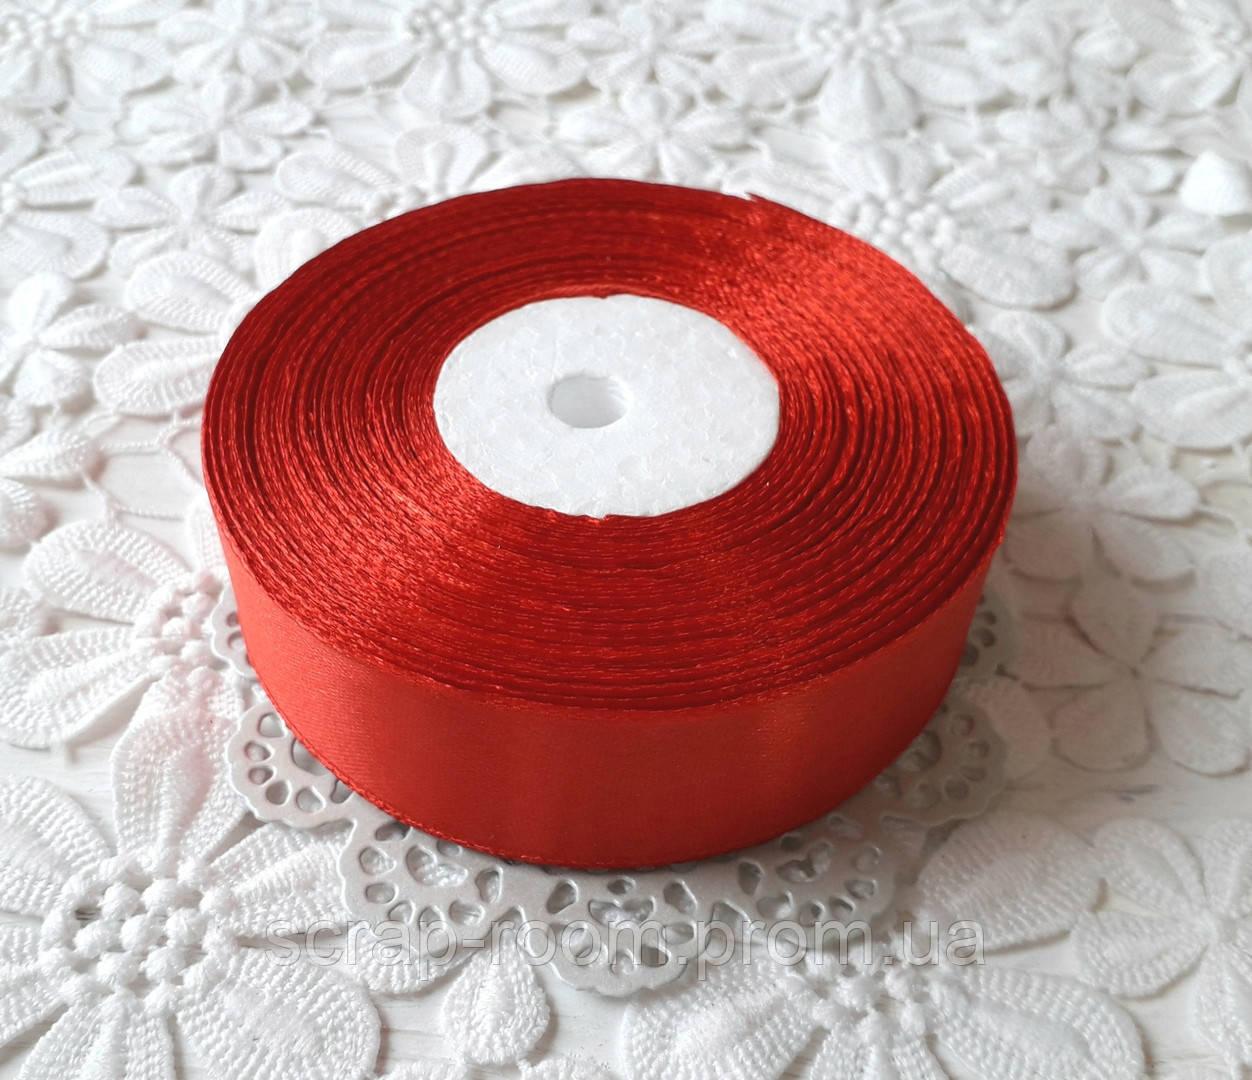 Лента атласная 2,5 см красная, лента цвет красный атлас, лента атласная красная, цена за метр